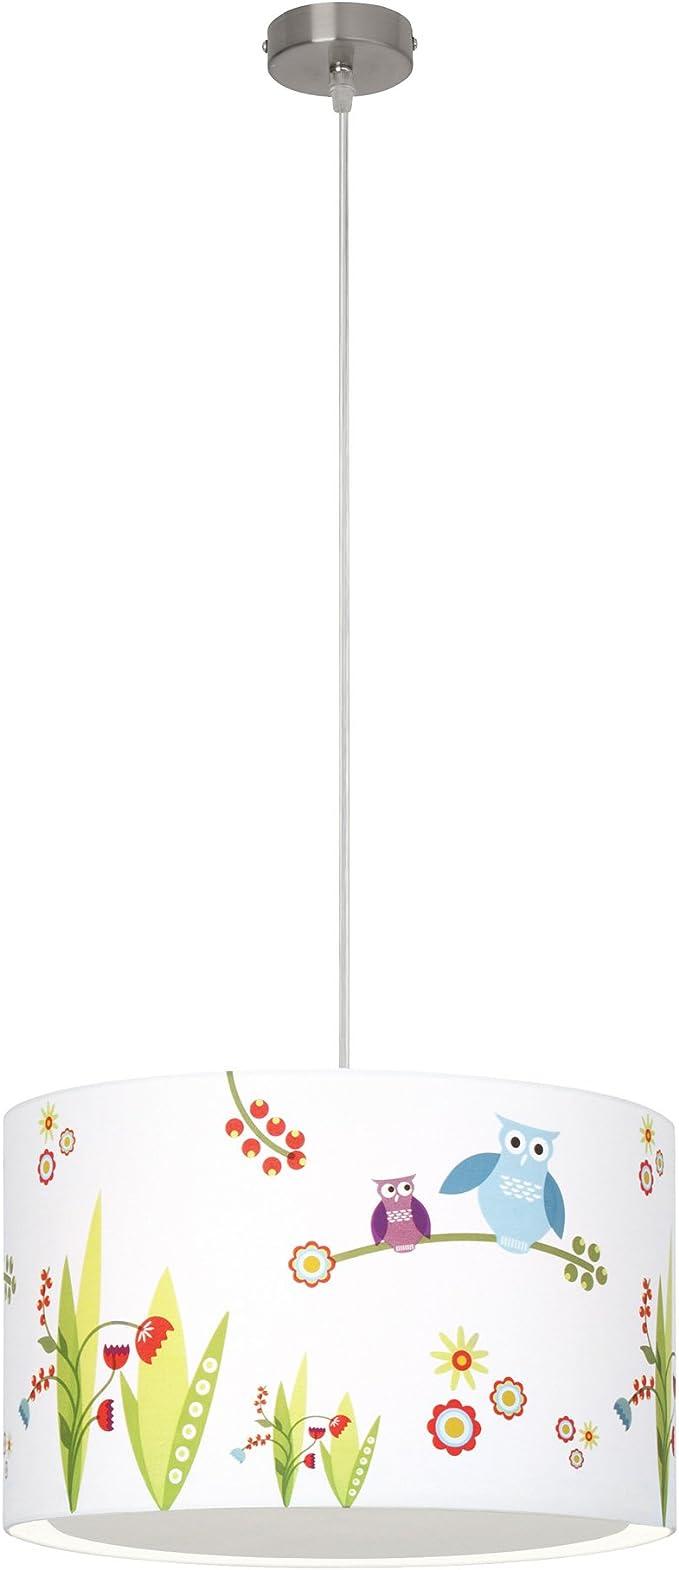 Suspension lampe Oiseaux, abat jour textile avec chouette, Ø 40 cm, 1x E27 max. 50W, métaltextile, blanccoloré